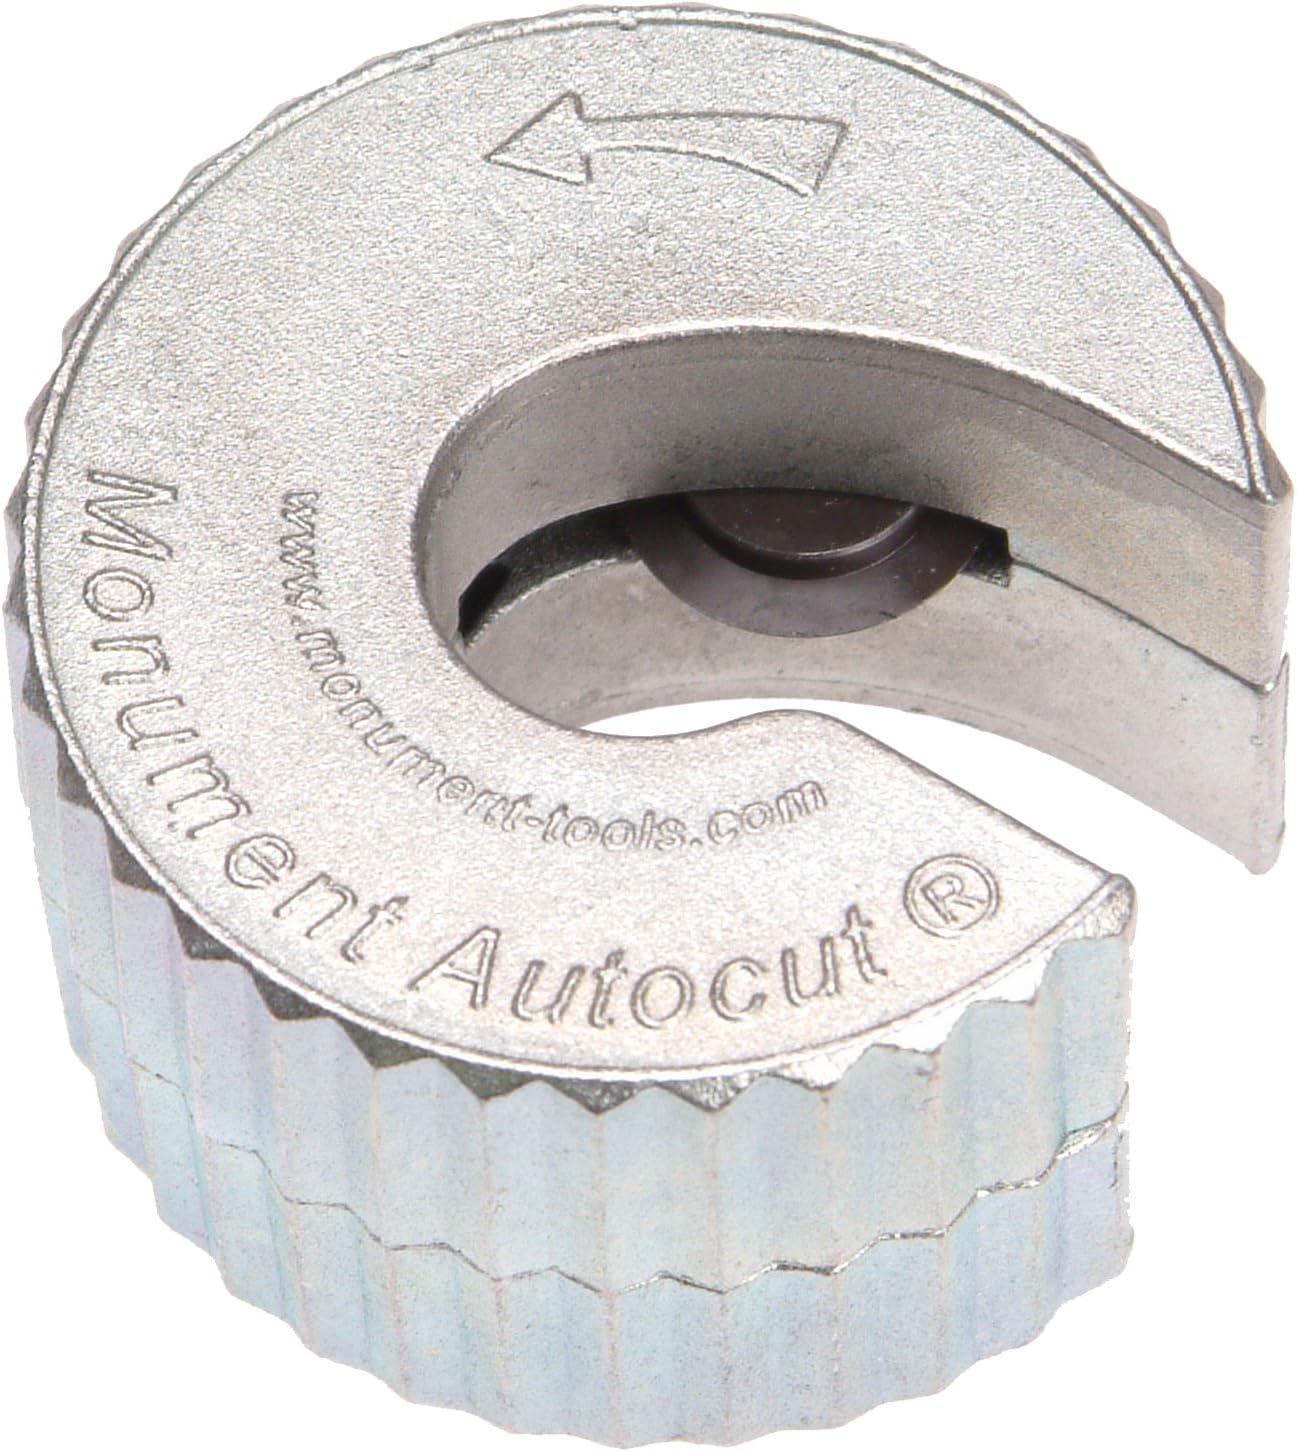 Monumento Cutter Autocut tubi di rame per 15 mm 22 mm e 28 mm